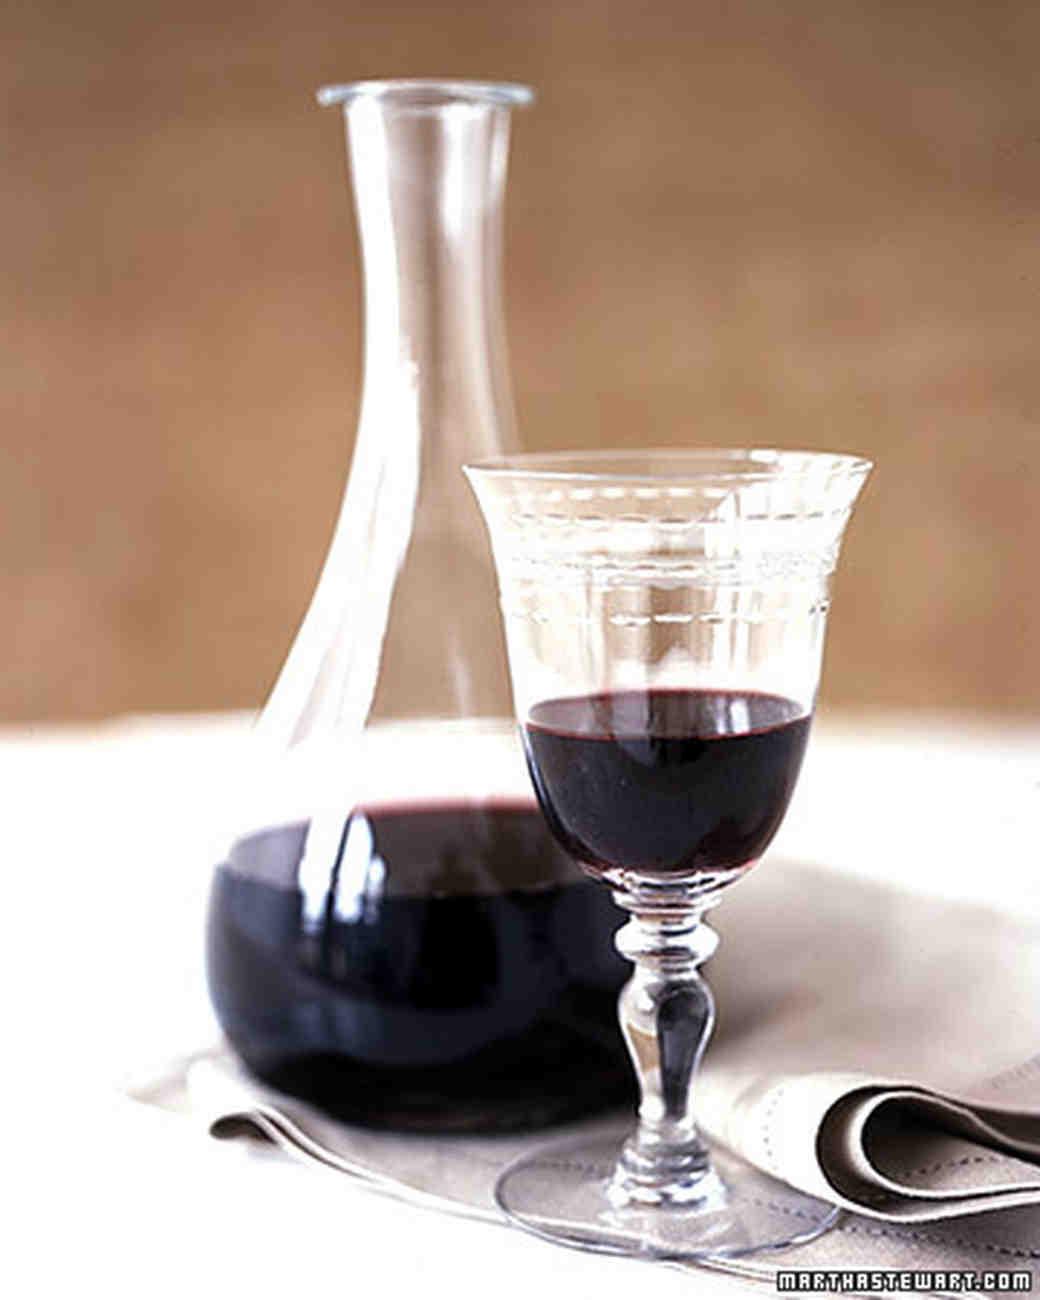 ft_wine01.jpg